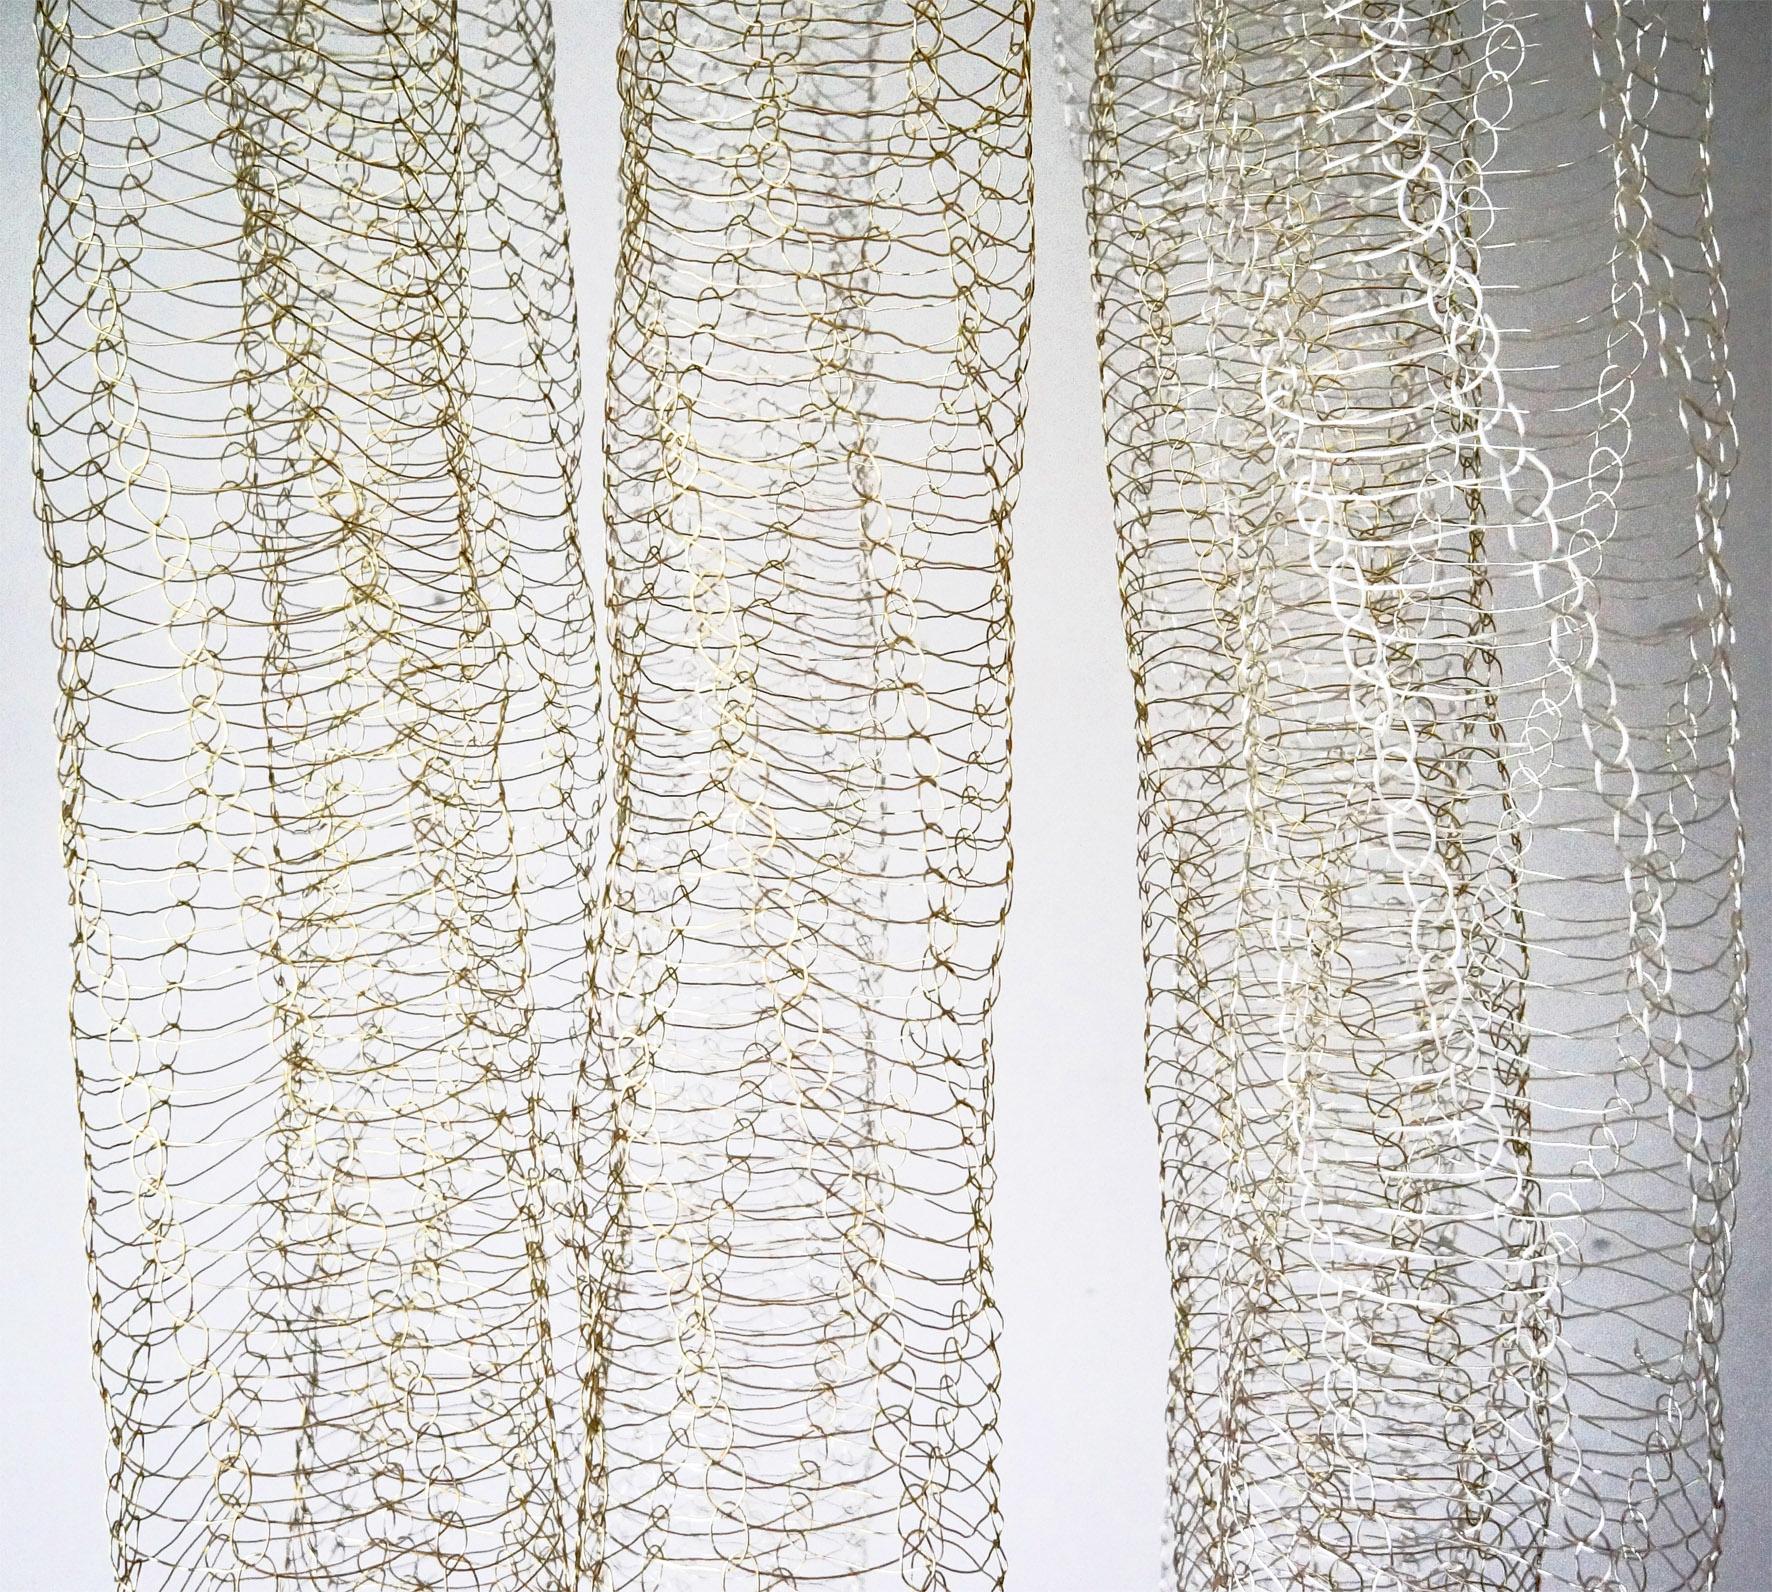 Detail, Fotonachweis: Ellinor Euler